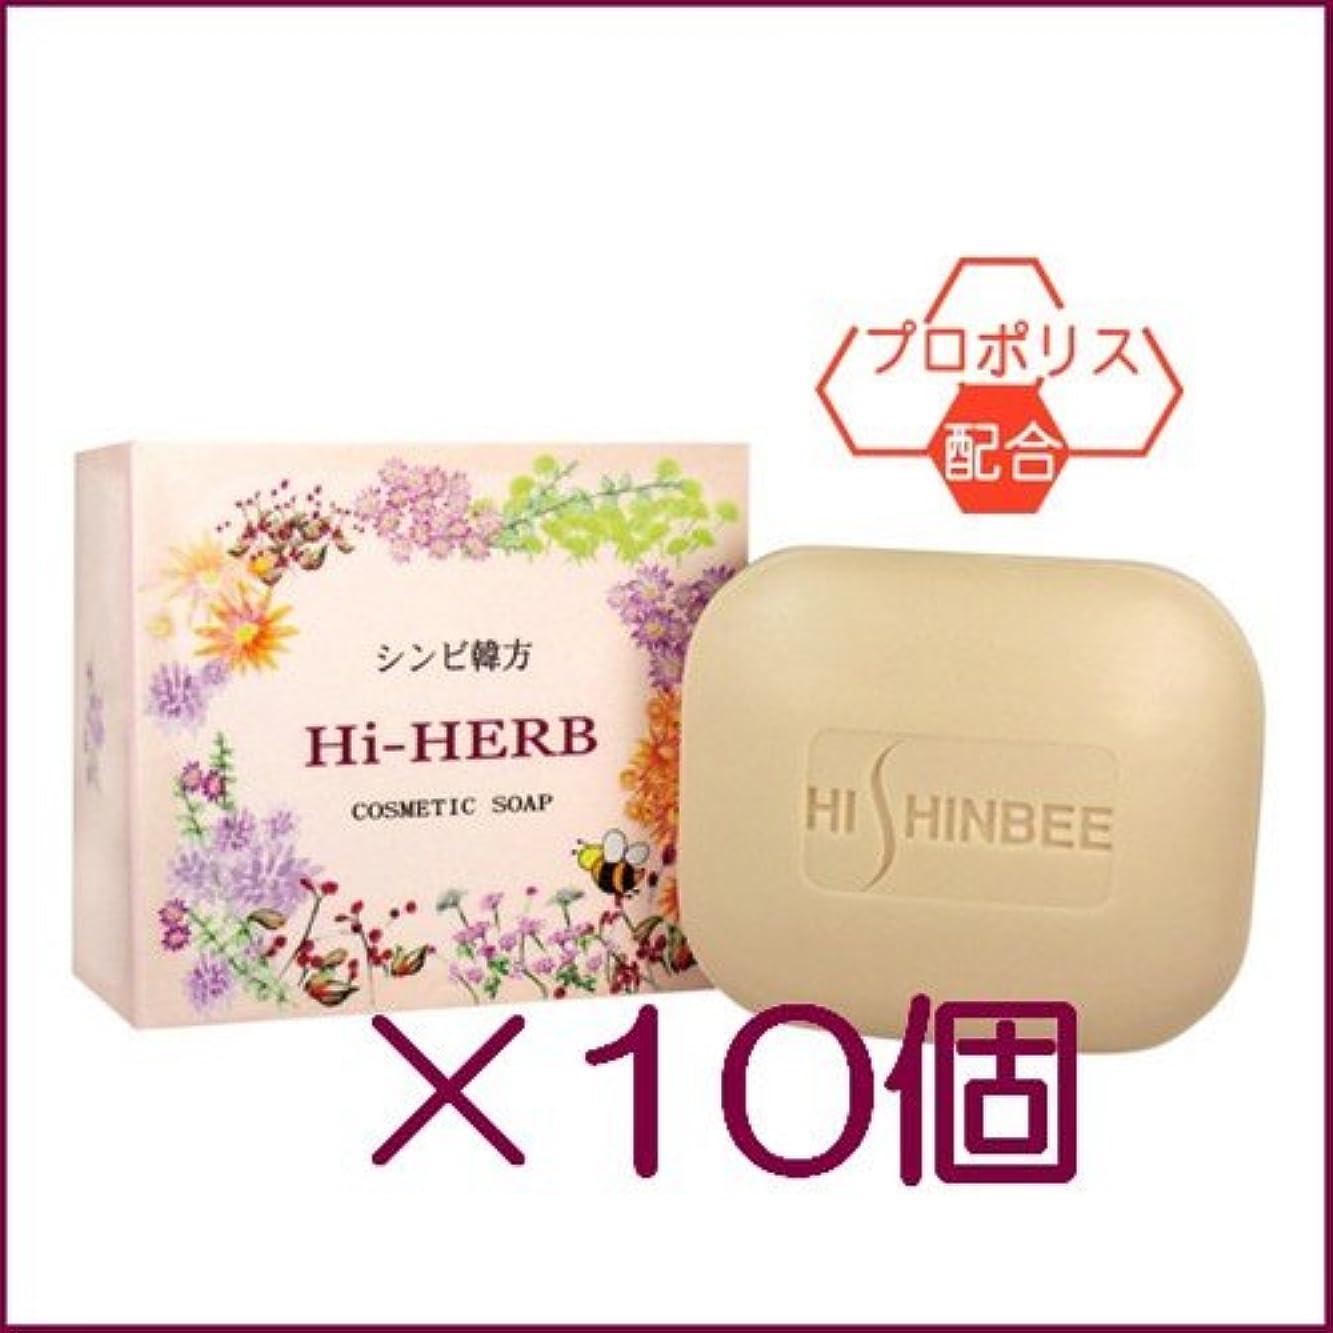 お肉見かけ上進捗シンビ 韓方ハイハーブ石鹸 100g ×10個